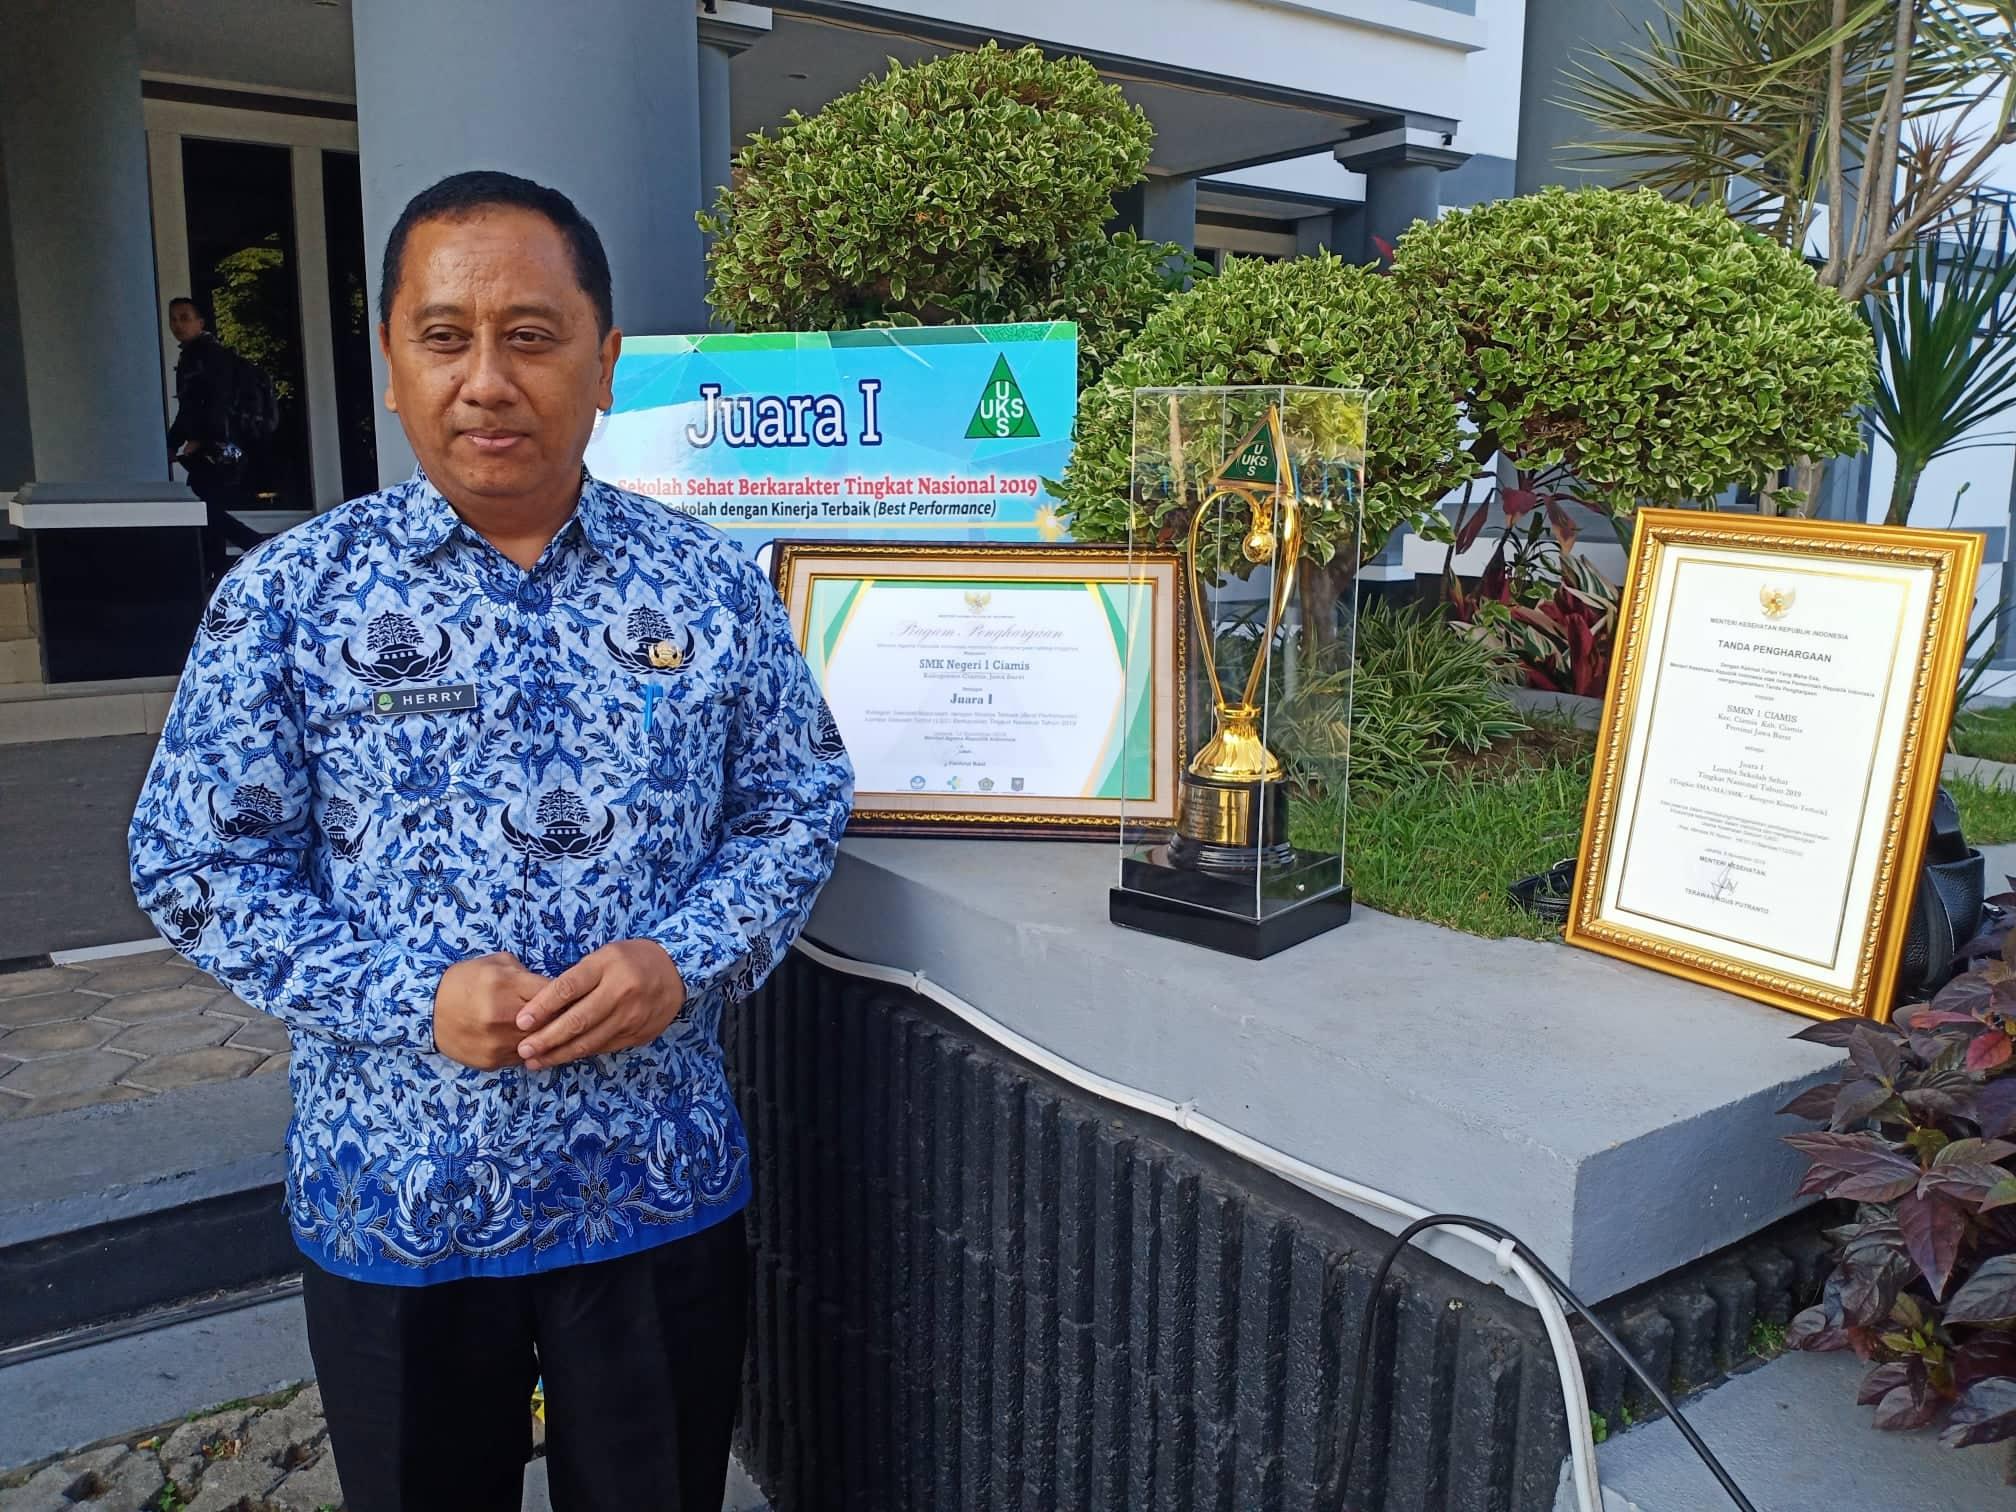 Kepala Cabang Dinas (KCD) wilayah XIII, Herry Pansila juga memberikan apresiasi atas keberhasilan yang telah dicapai SMKN 1 Ciamis.